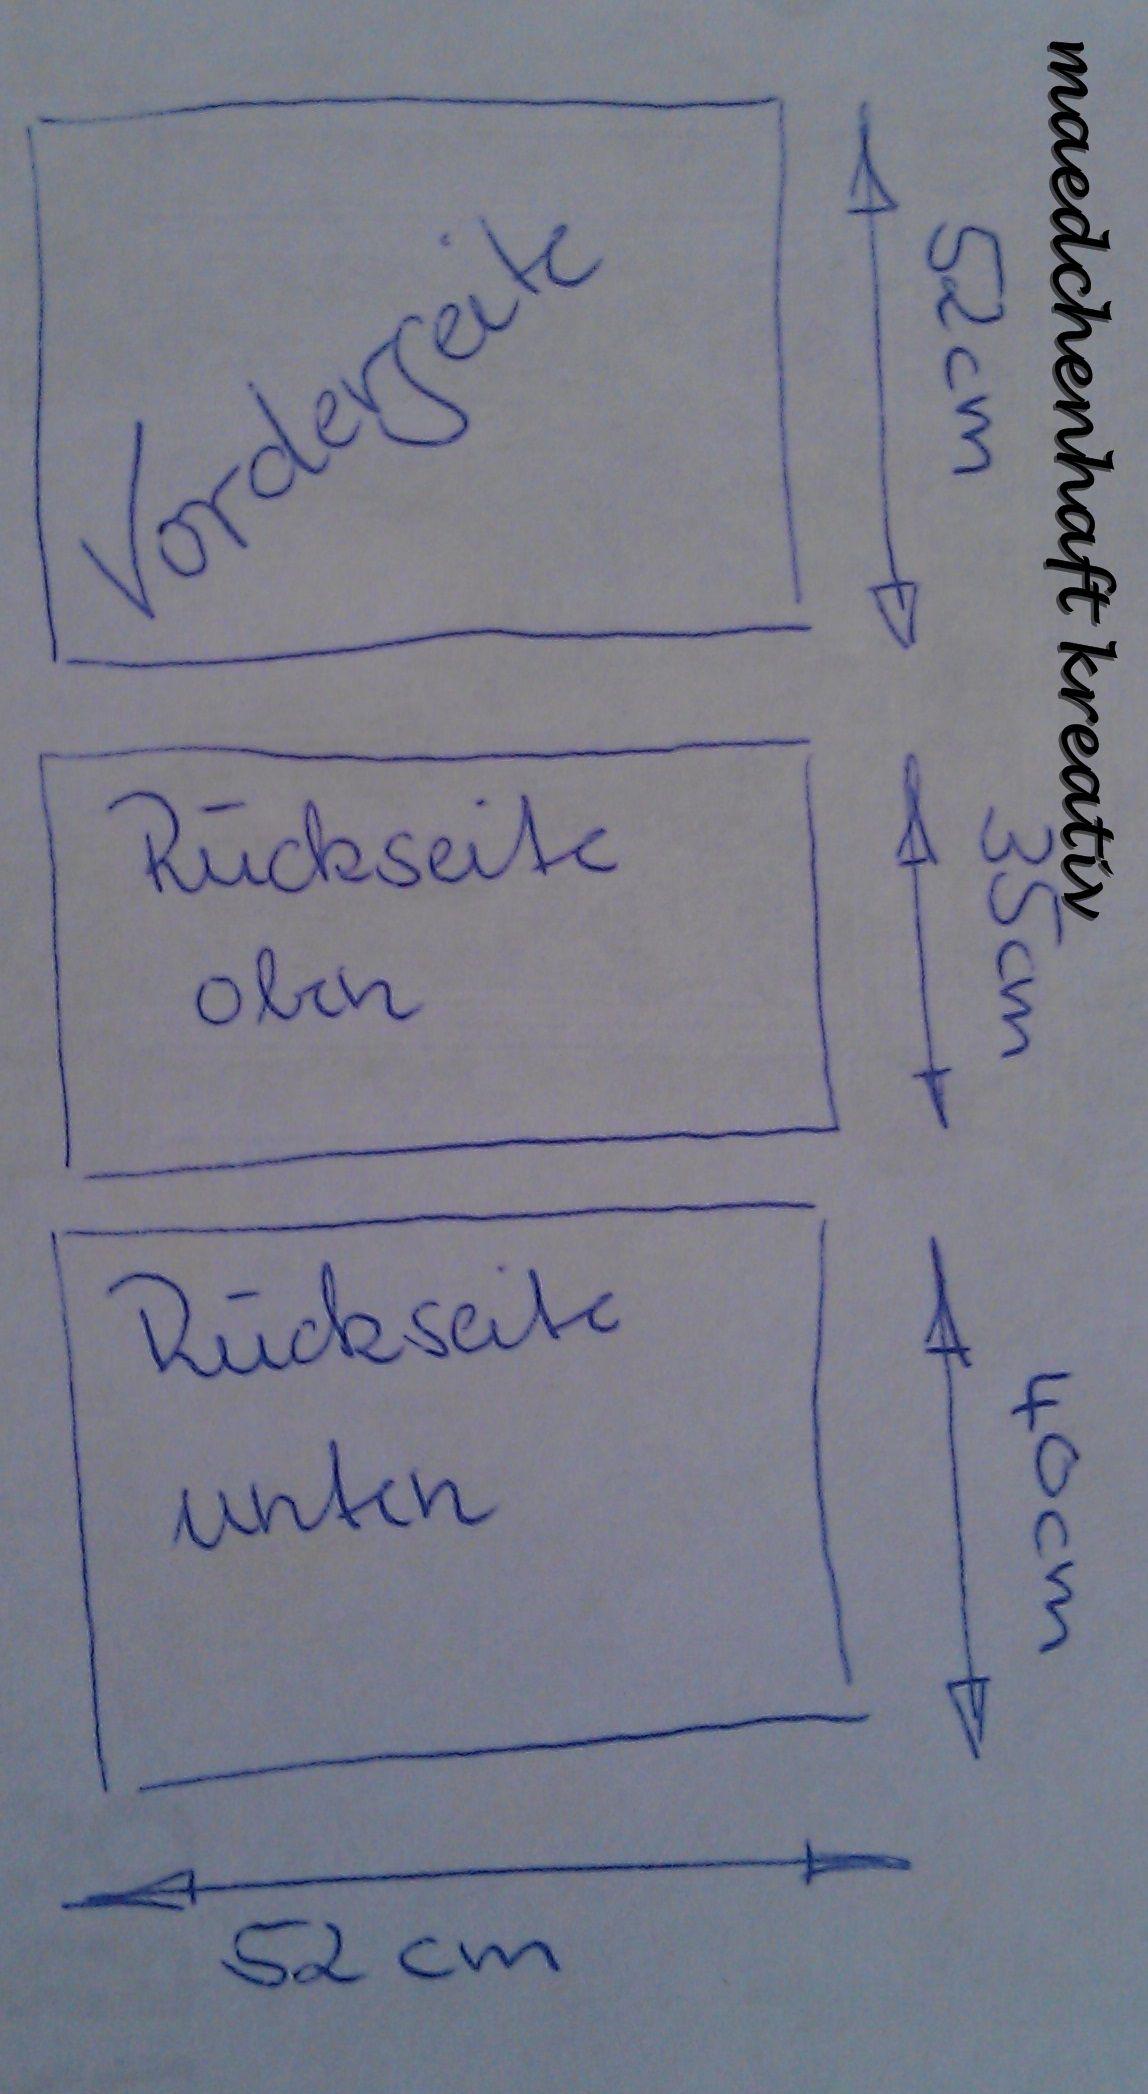 Schritt 1: Schneidet Vorderseite, Rückseite oben und Rückseite unten zurecht